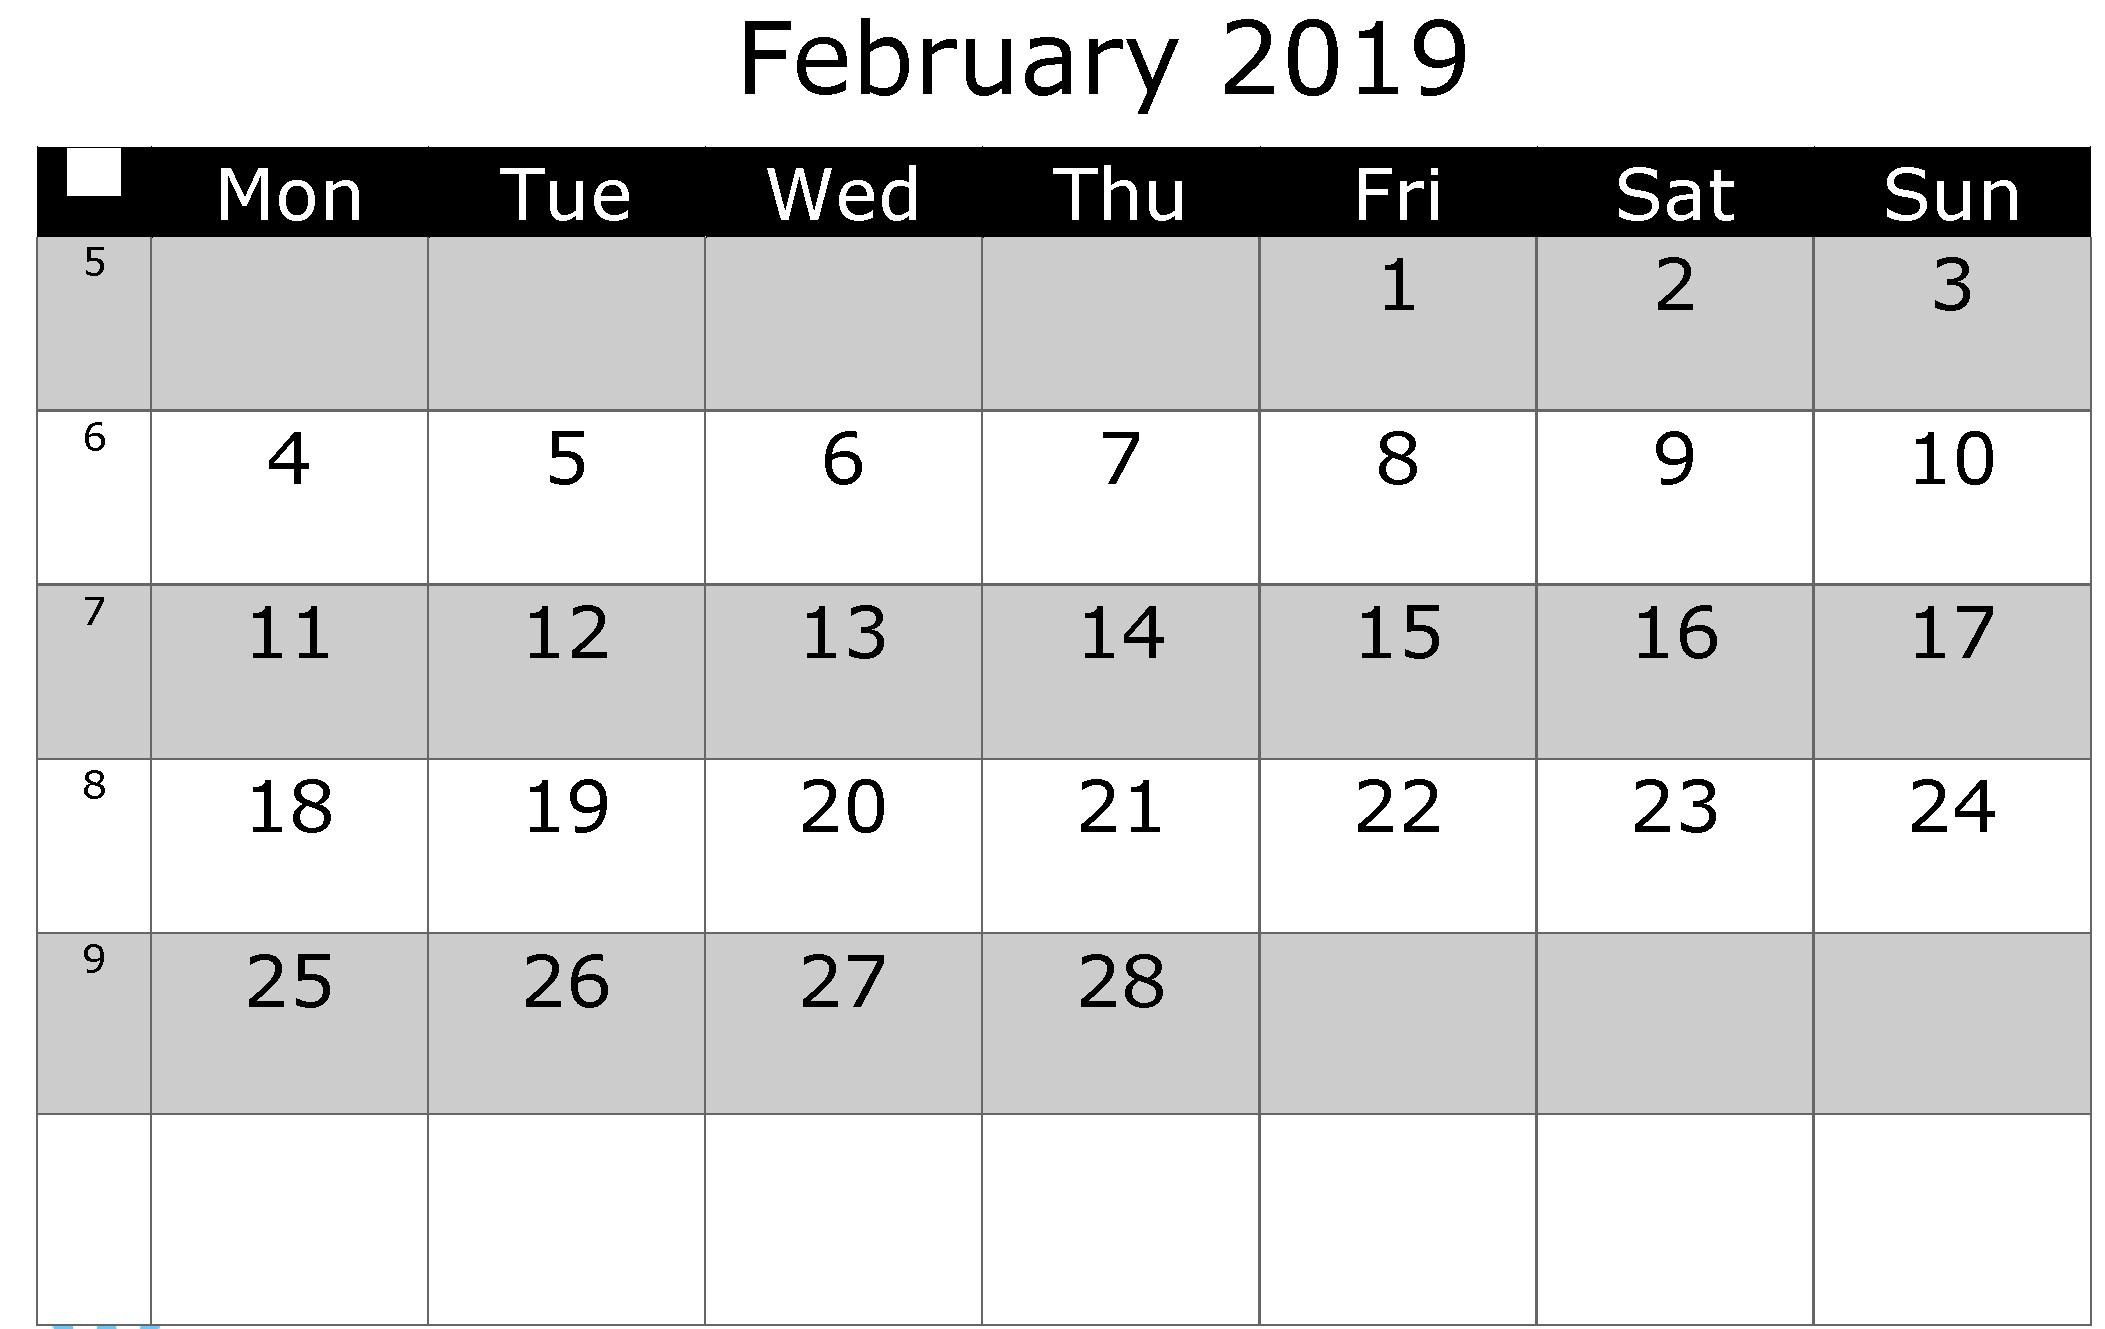 Calendario Febrero 2019 Editable Actual February 2019 Printable Calendar Pdf Of Calendario Febrero 2019 Editable Más Recientes Sin Embargo Este Es Imprimir Calendario No Word